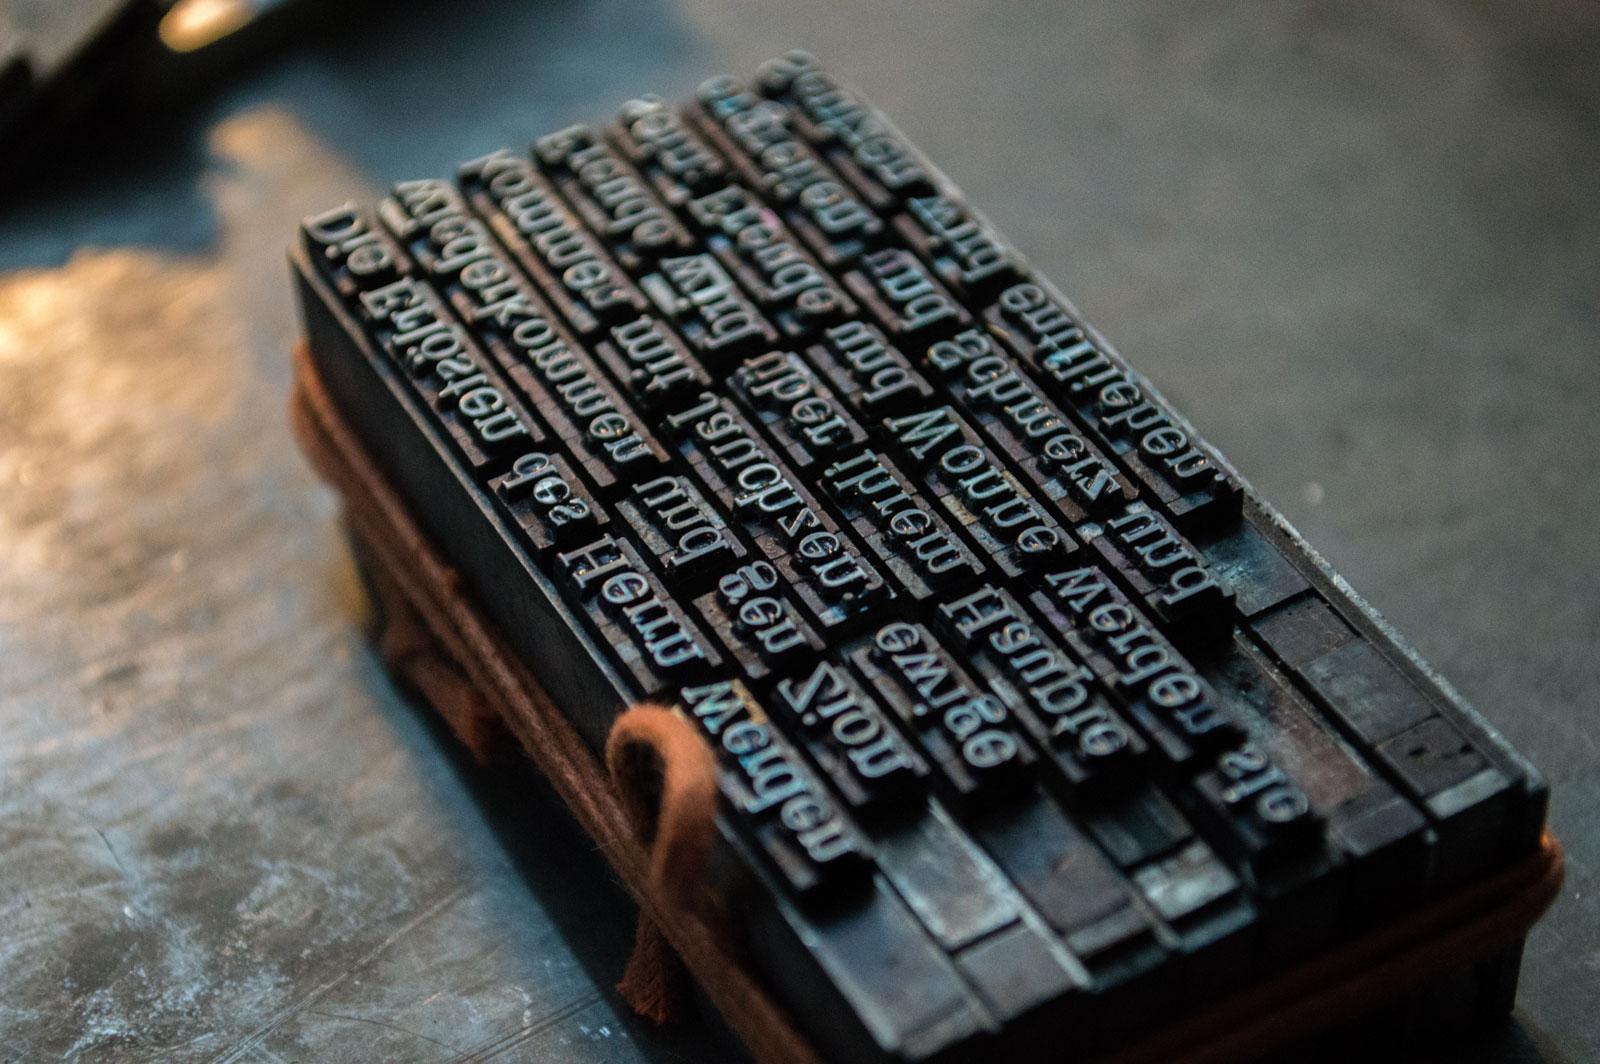 ¿Qué es Gutenberg?